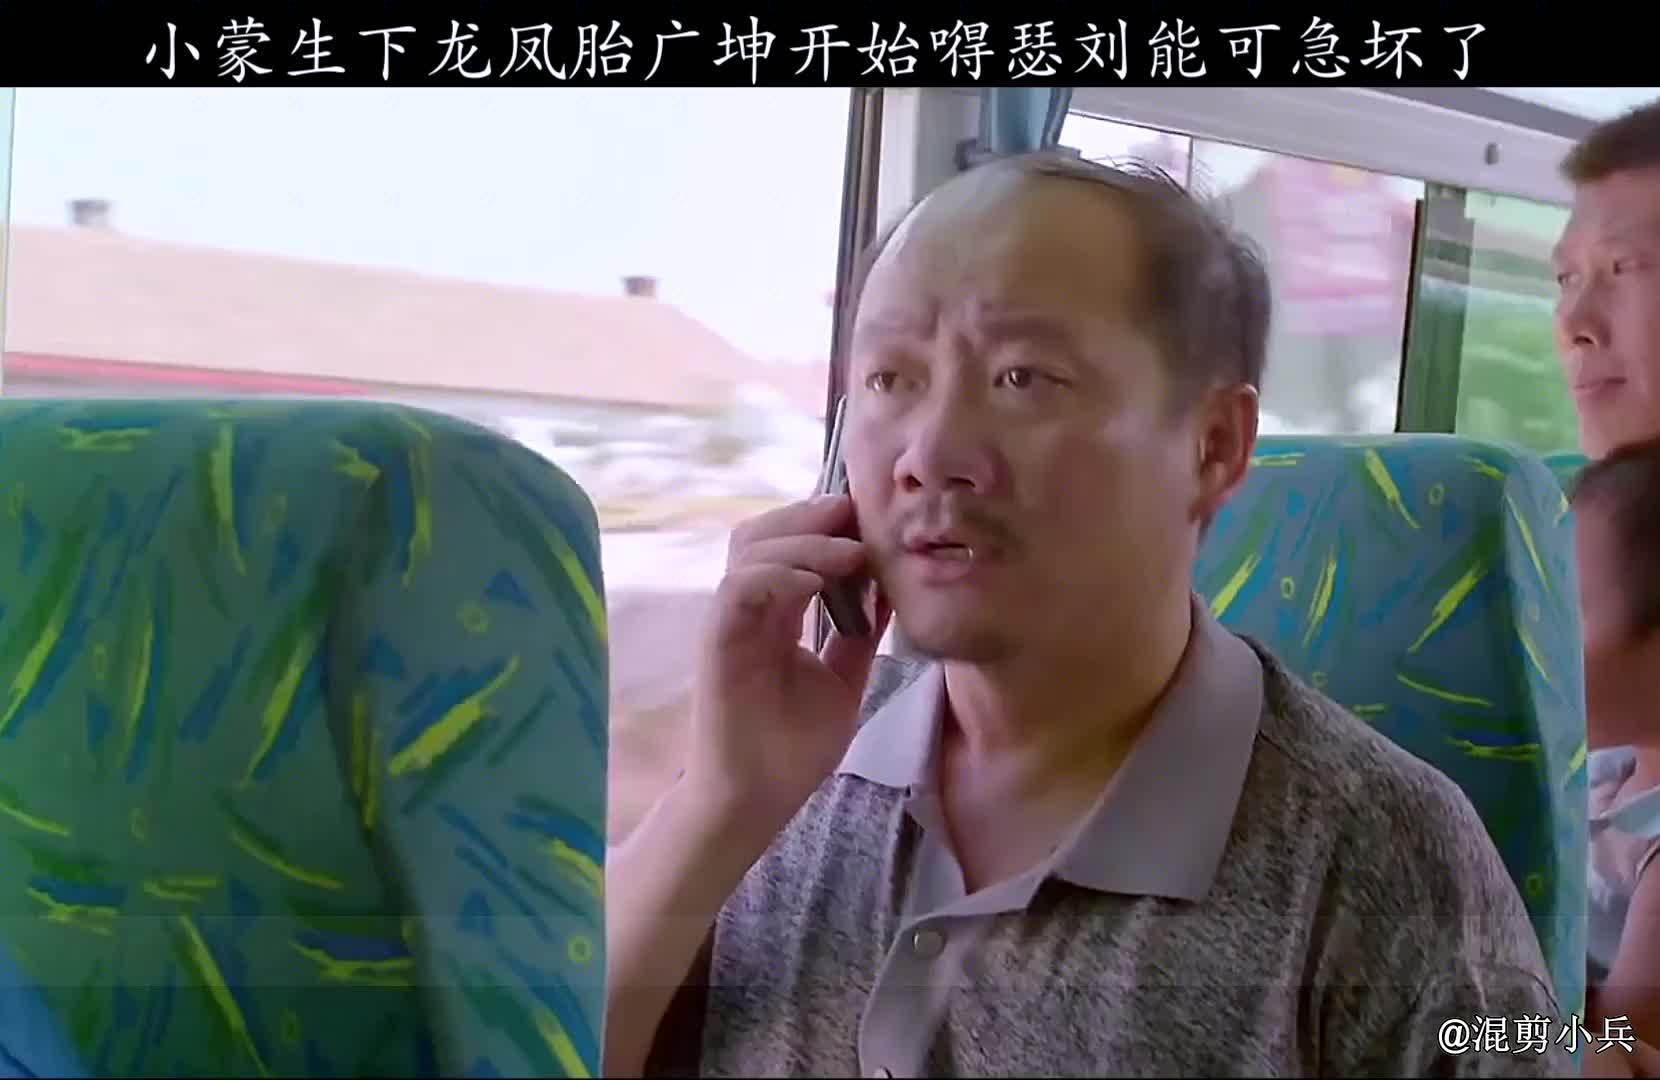 乡村爱情:小蒙生下双胞胎,广坤全村宣传嘚瑟,刘能直接给气晕